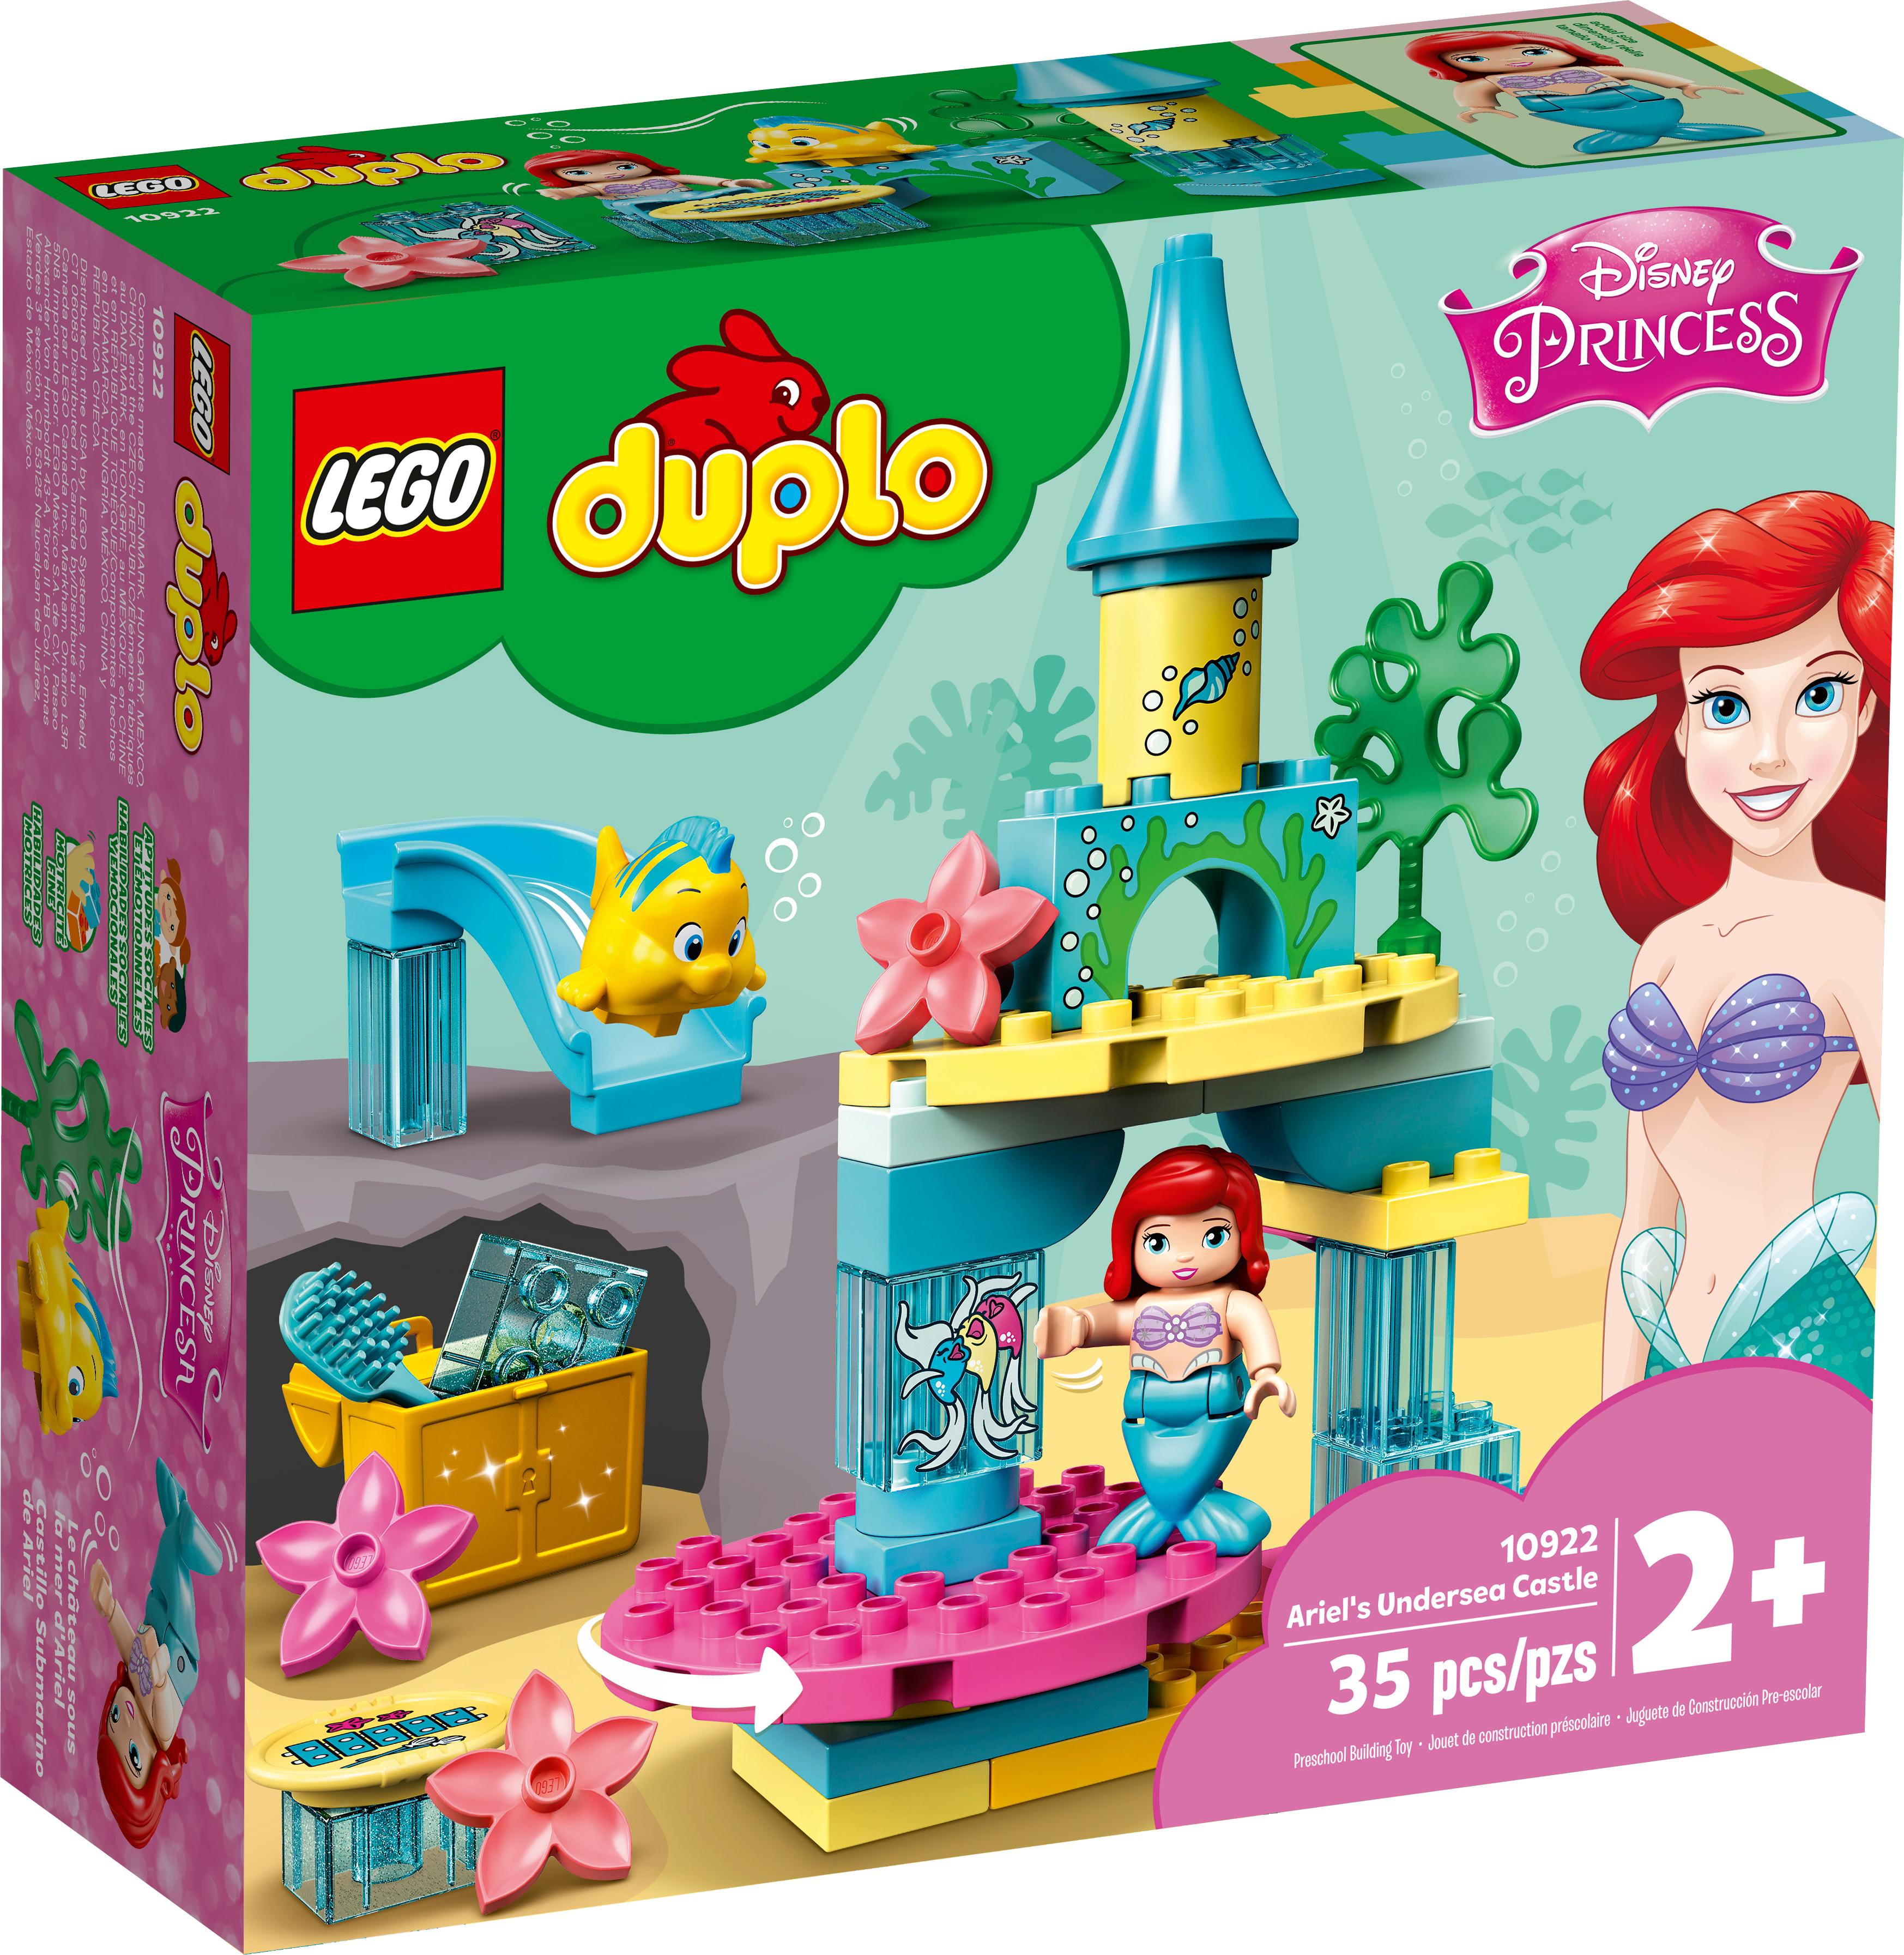 LEGO DUPLO Ariel